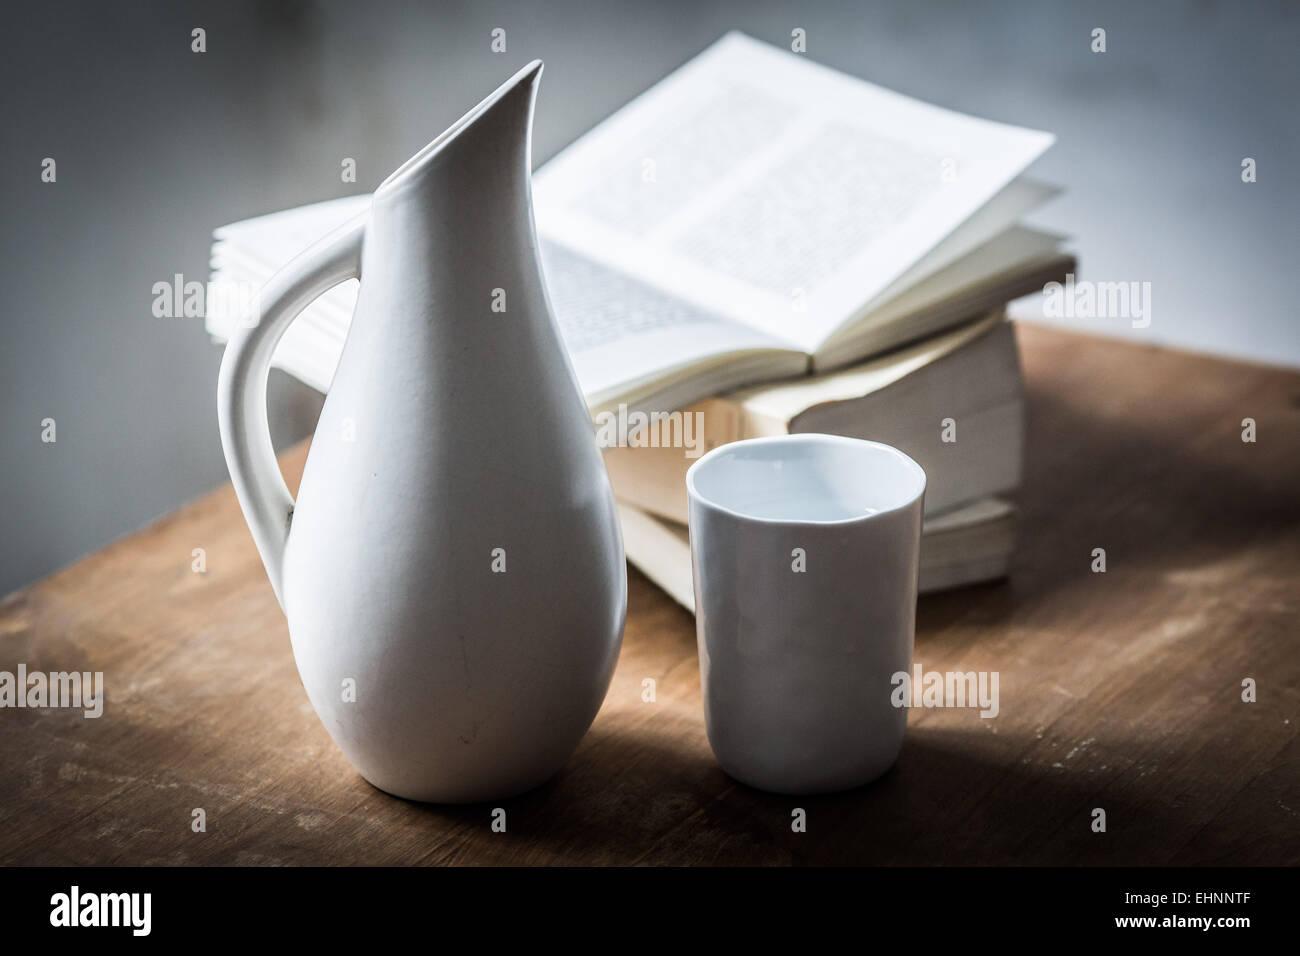 Vaso de agua. Imagen De Stock